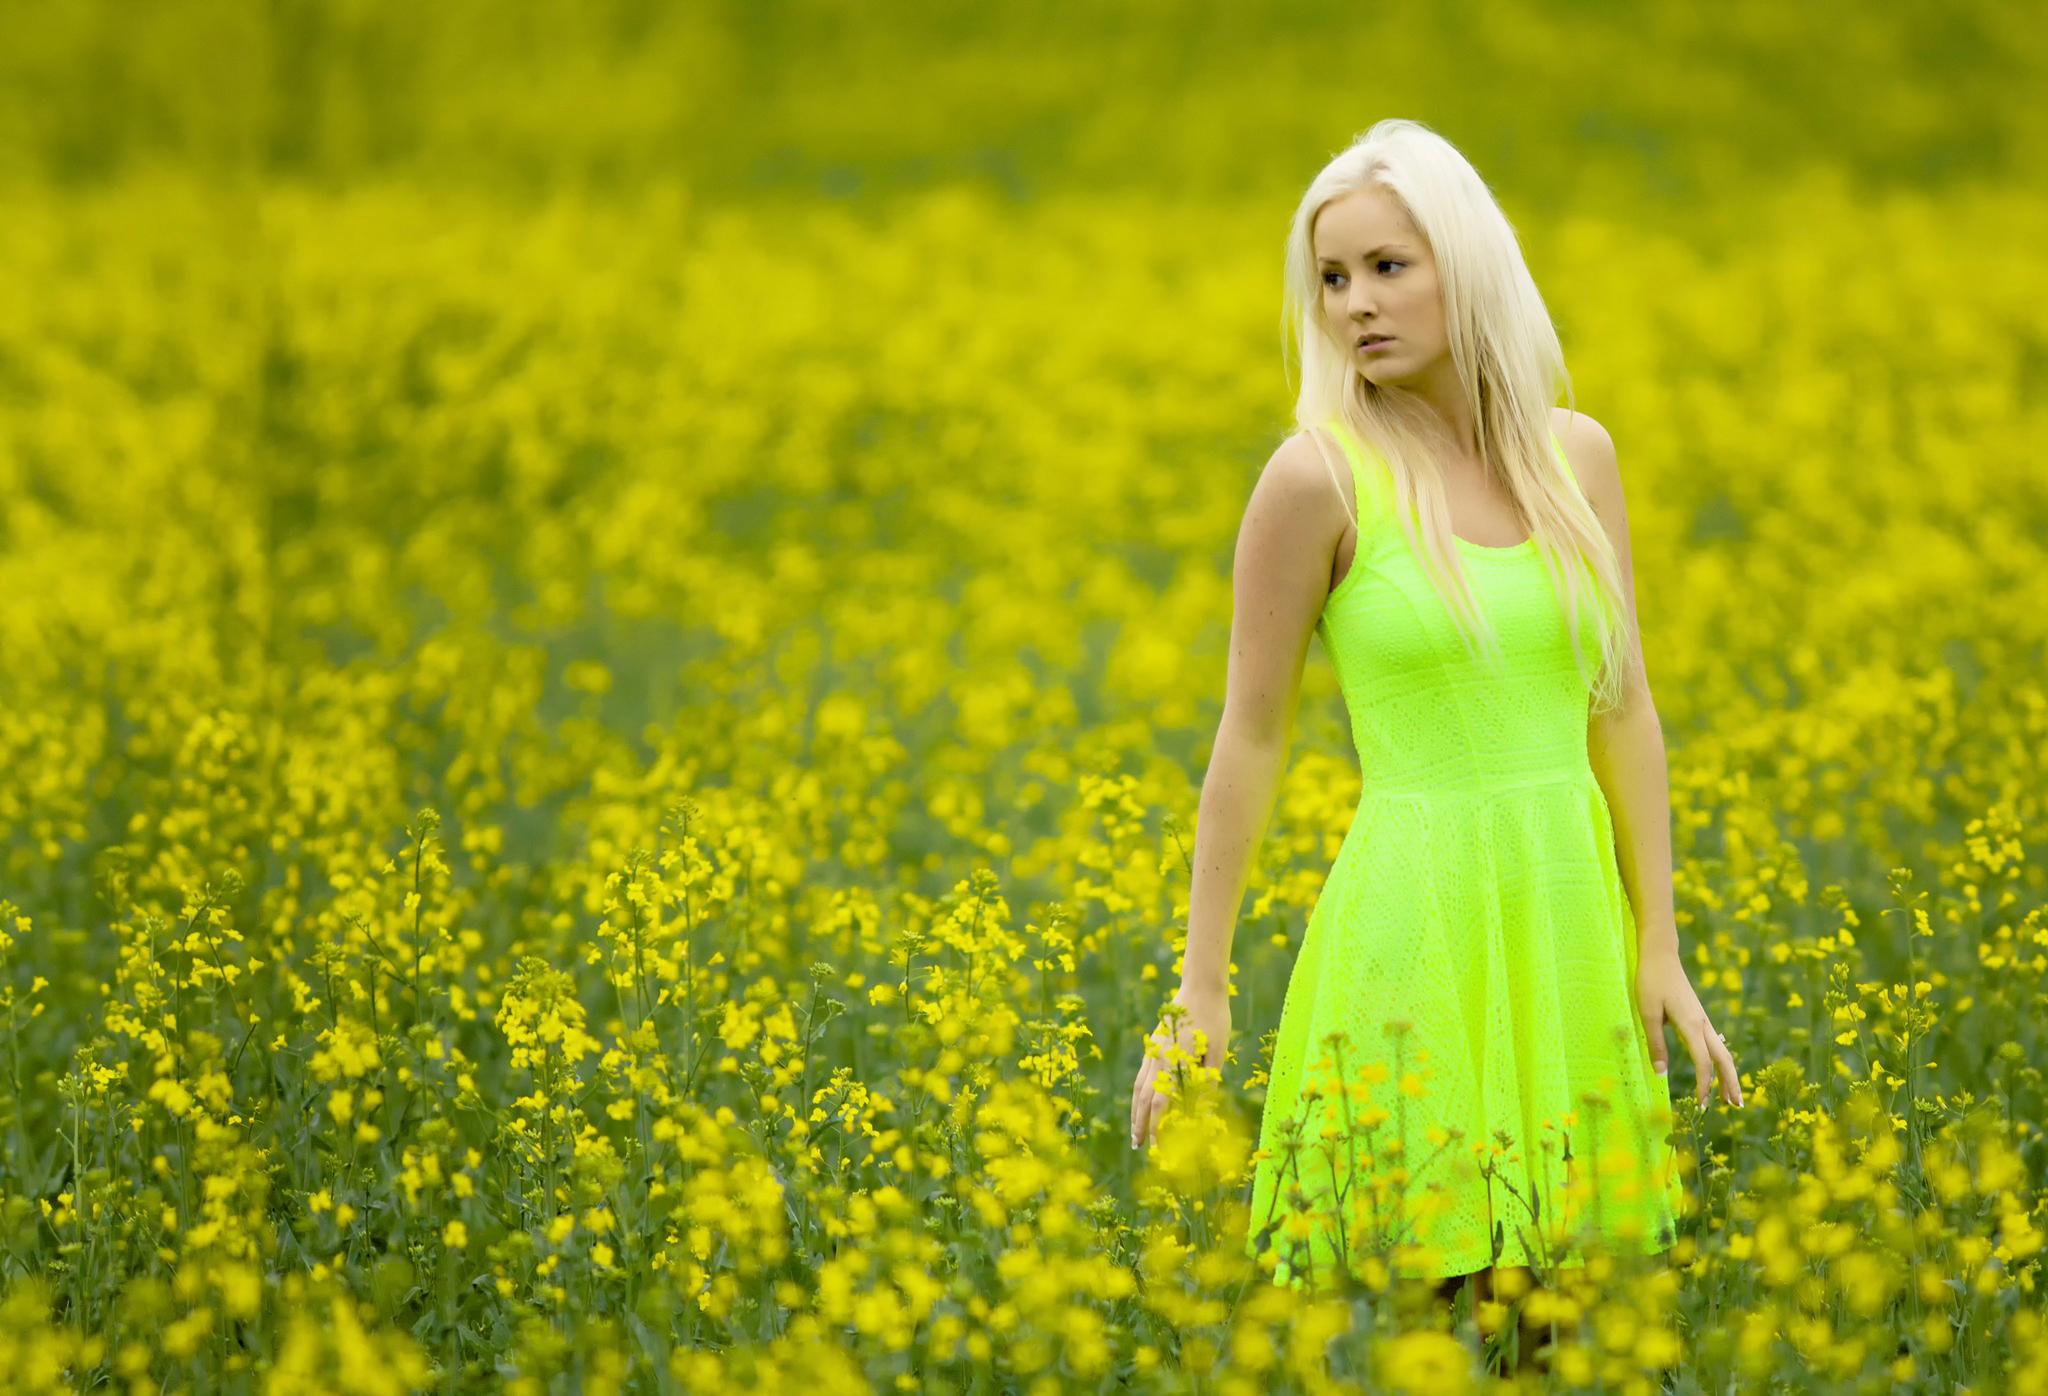 девушка природа белое платье цветы желтые  № 3832553 без смс